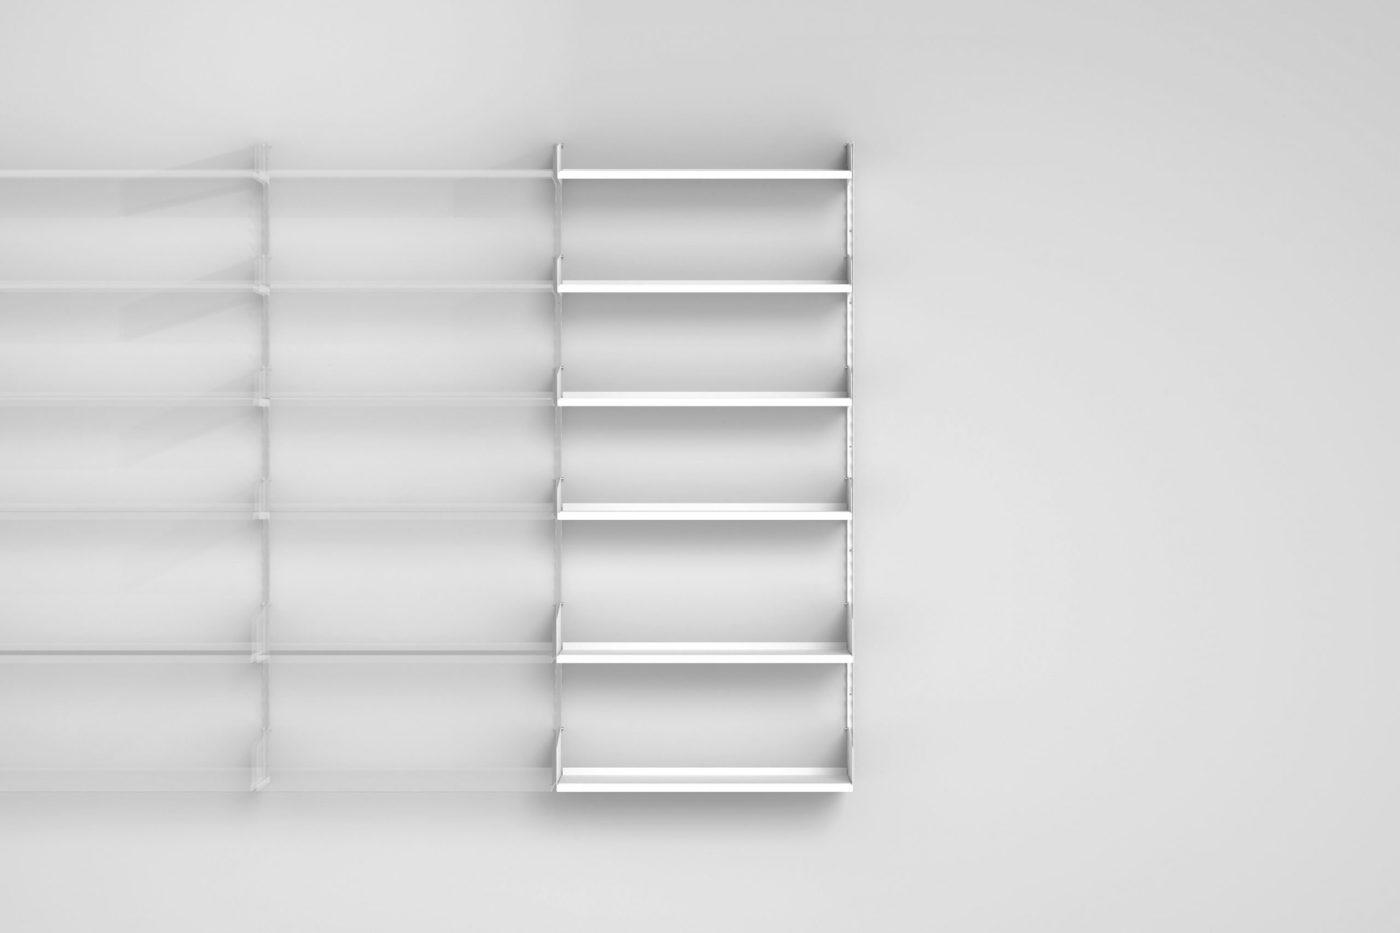 Even Better Shelf / Set 1 / Extension II